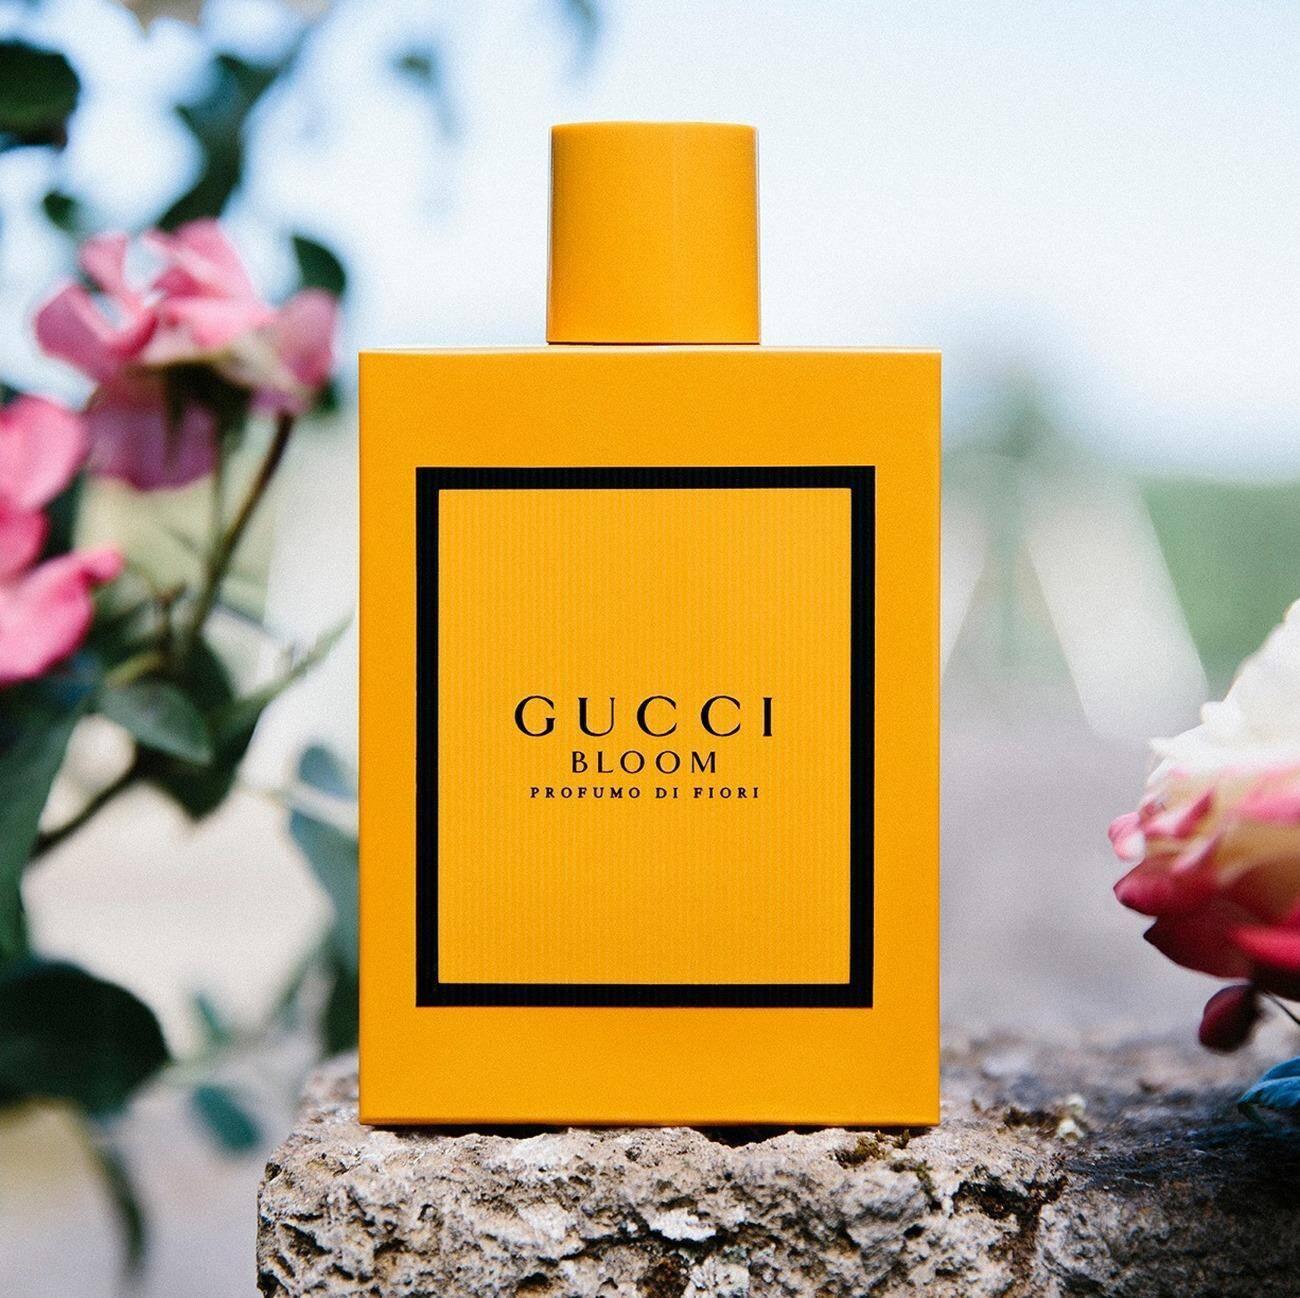 Gucci bloom profumo di fiori EDP đánh giá đầy đủ